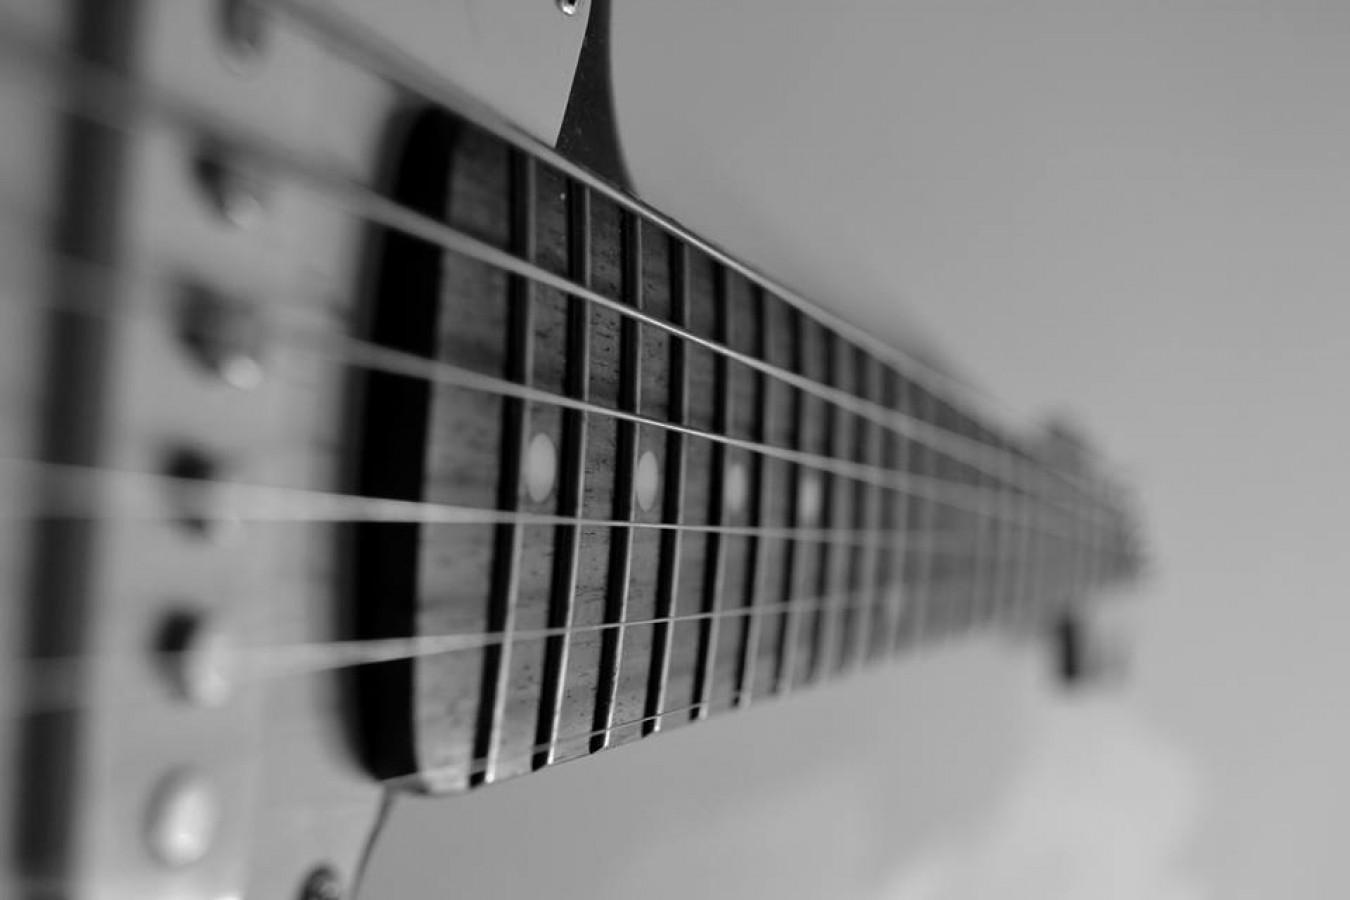 A (magyar) zene az kell - - I. rész: A Dublin Escort és egy ír Koncz Zsuzsa-rajongó esete